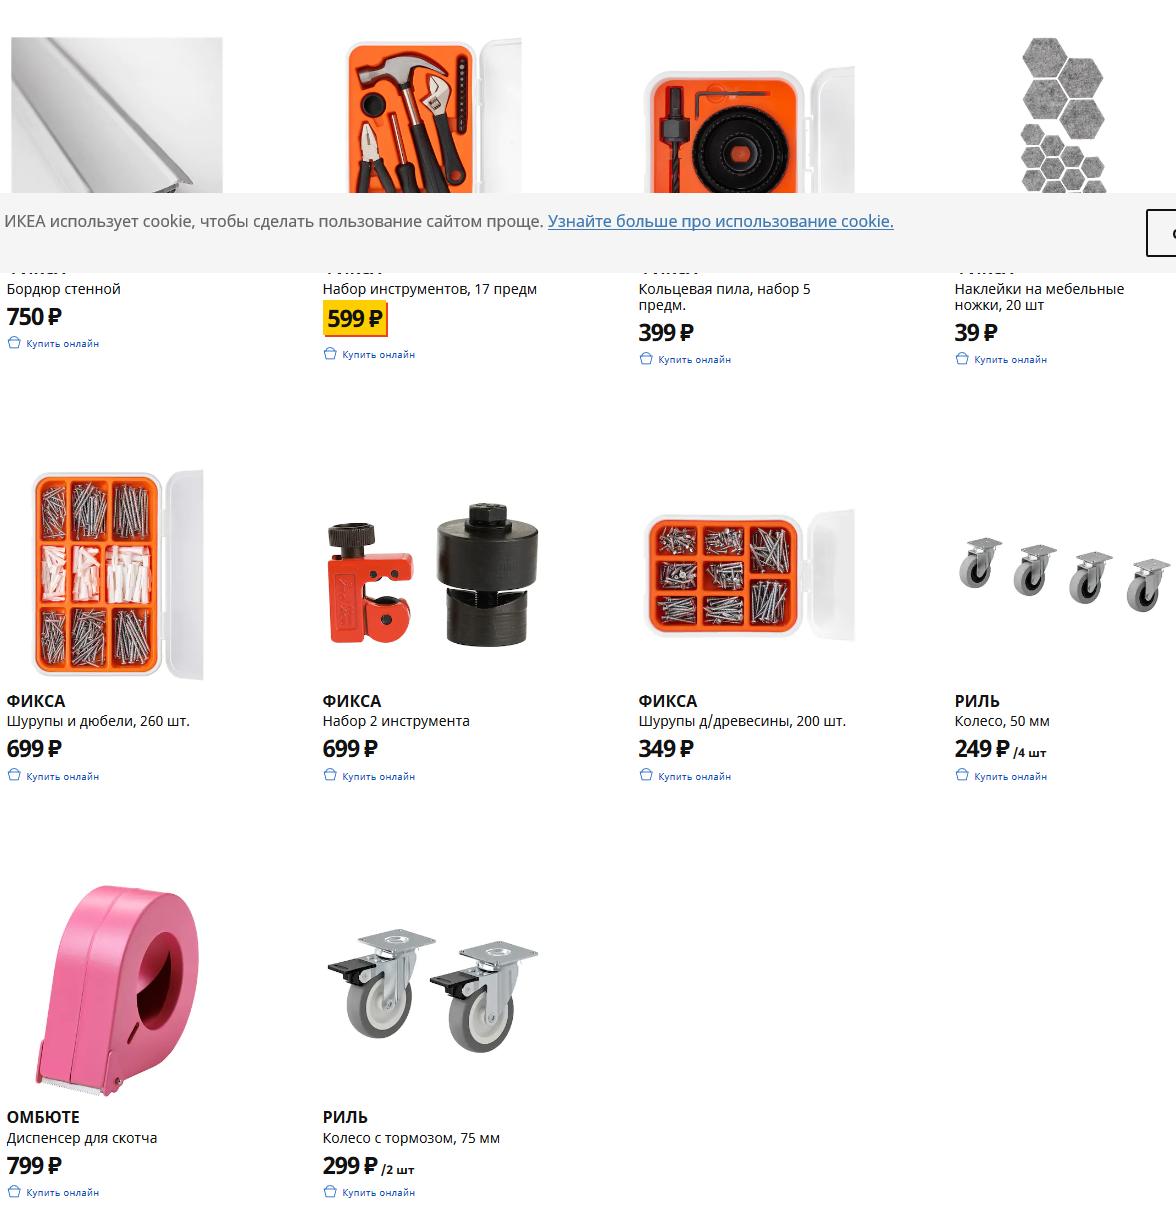 Инструменты и крепежные элементы